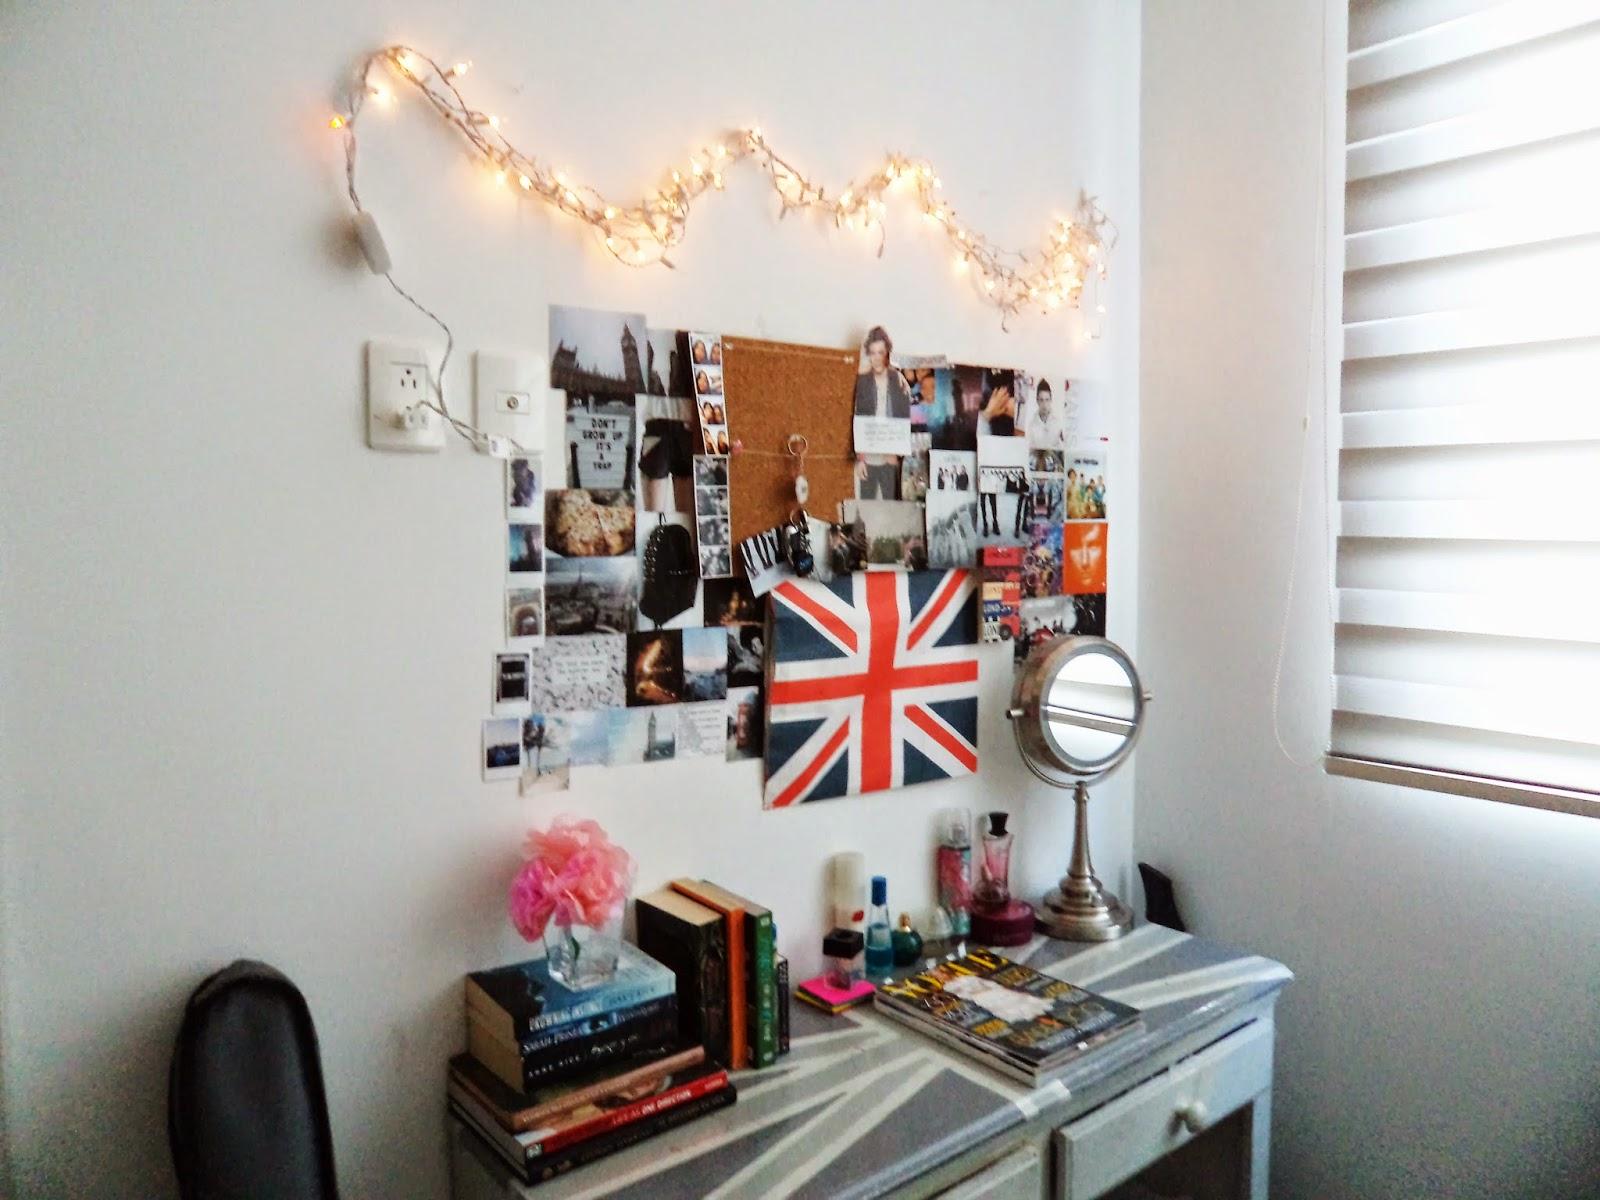 Diy decora tu cuarto estilo tumblr f cil y sin gastar for Cosas para adornar tu cuarto